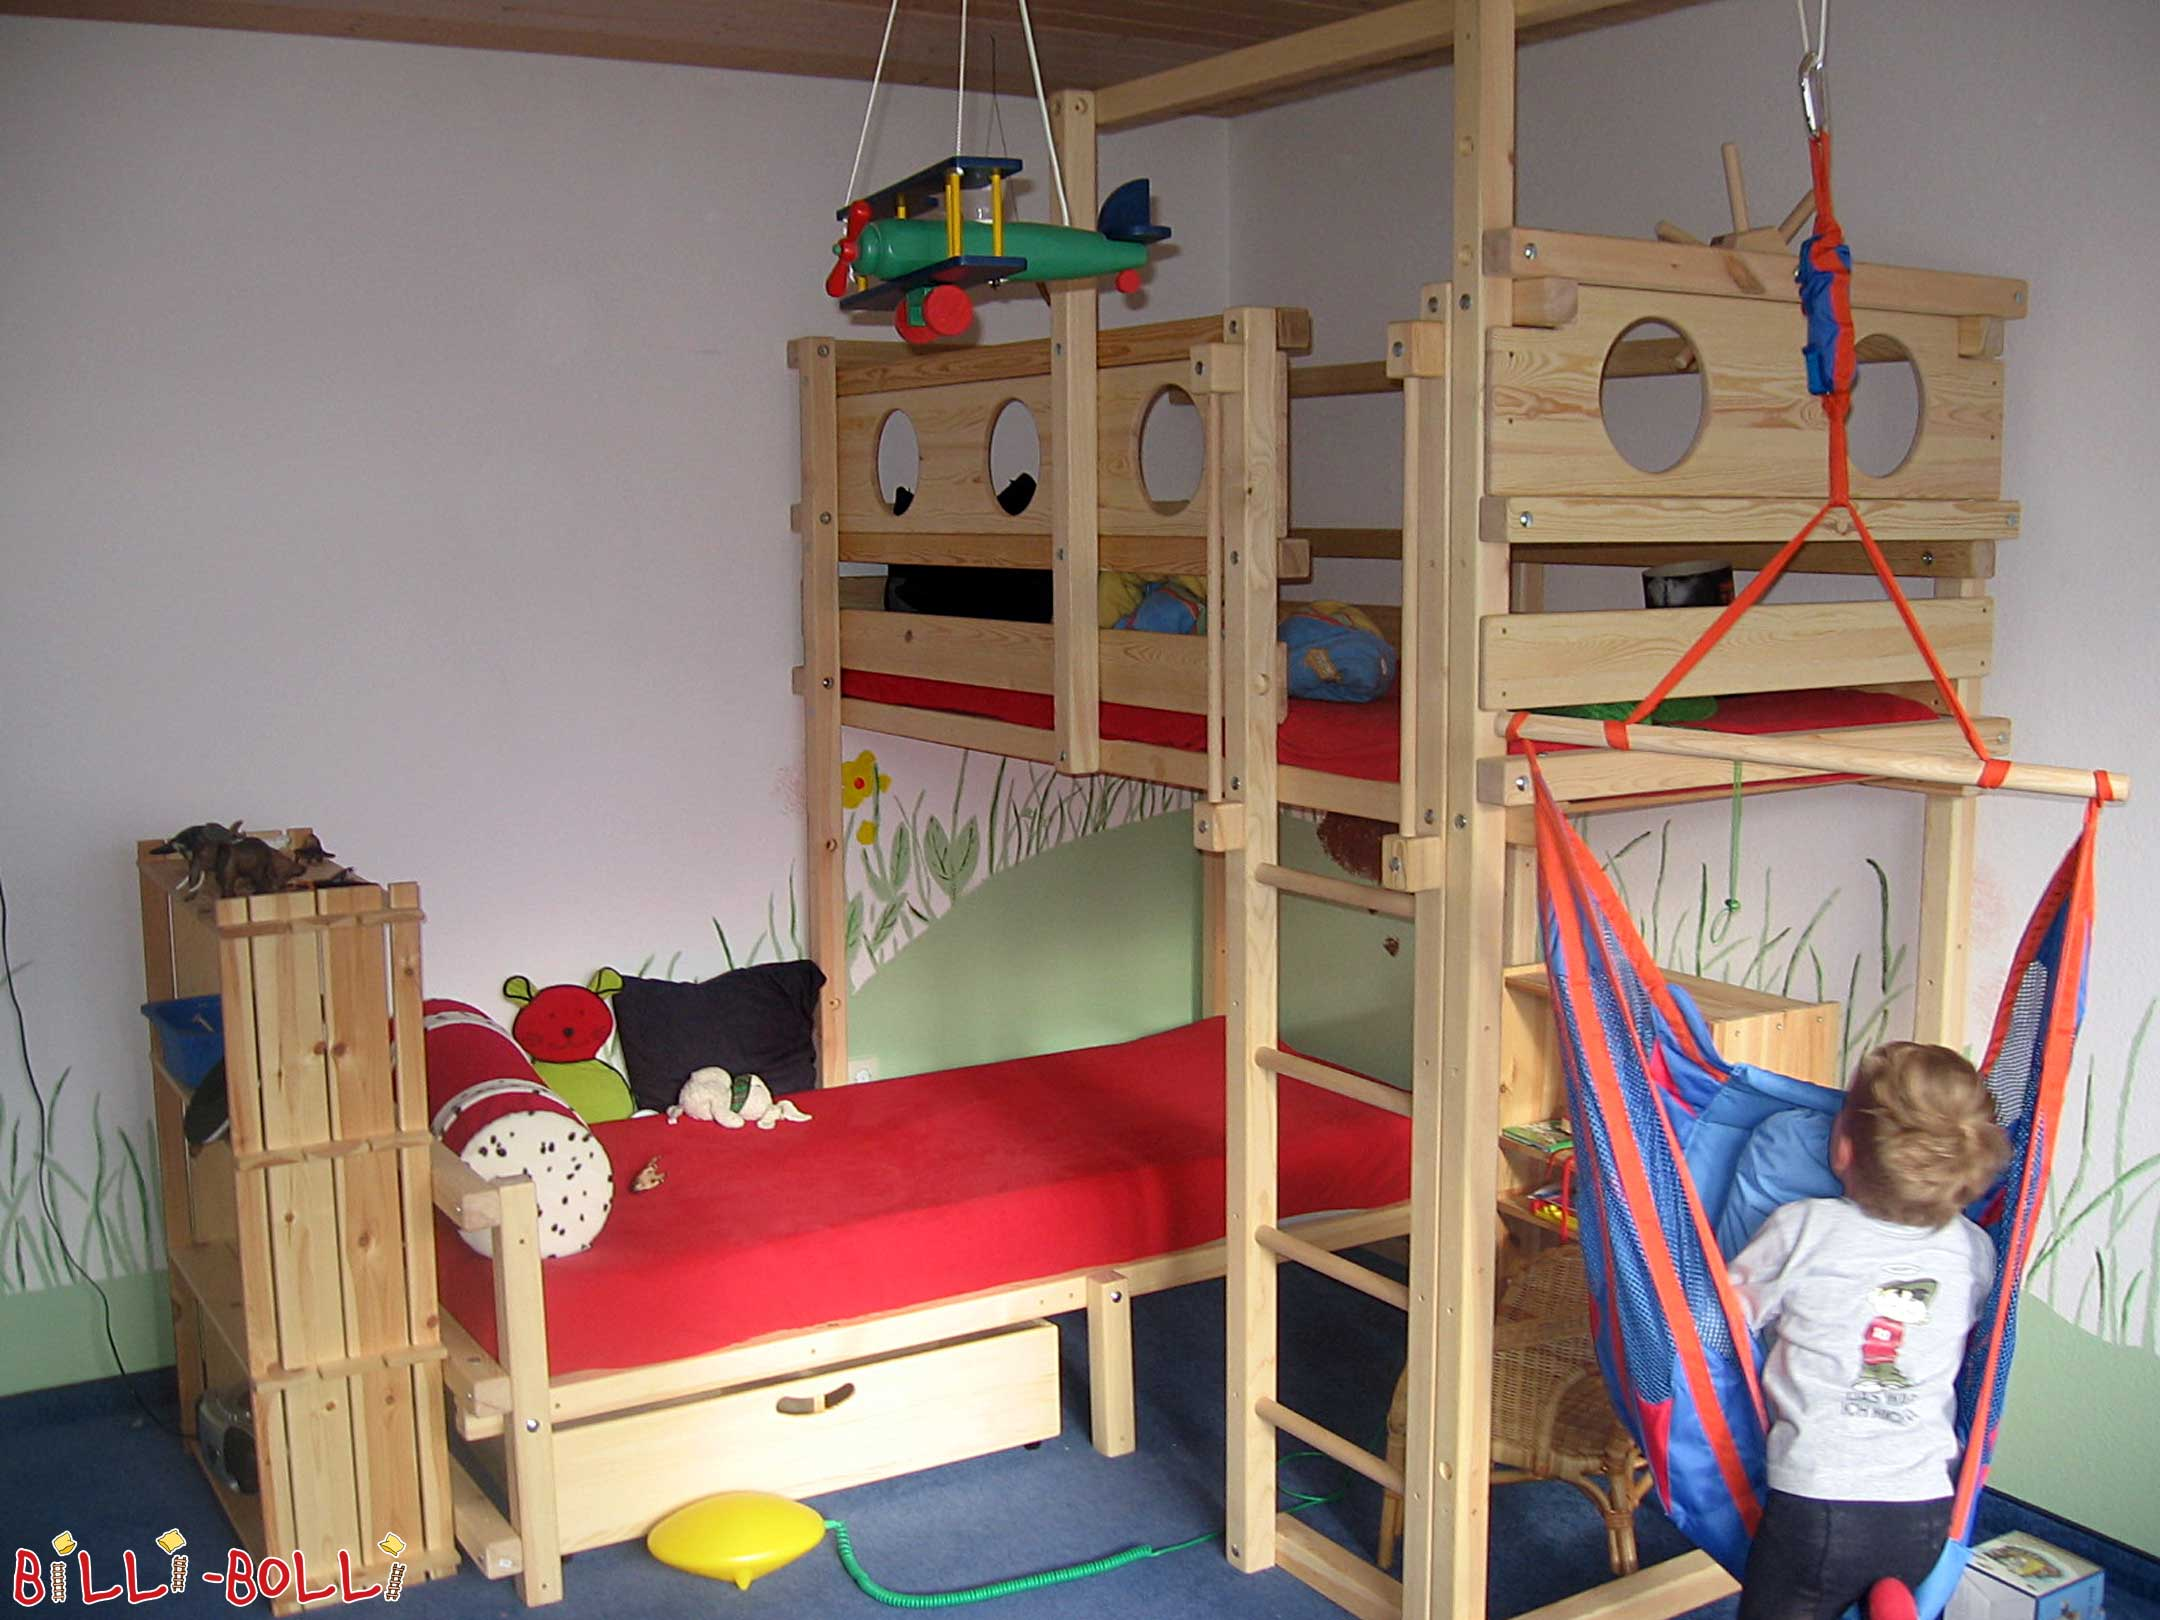 Etagenbett Um Die Ecke : Etagenbett über eck billi bolli kindermöbel